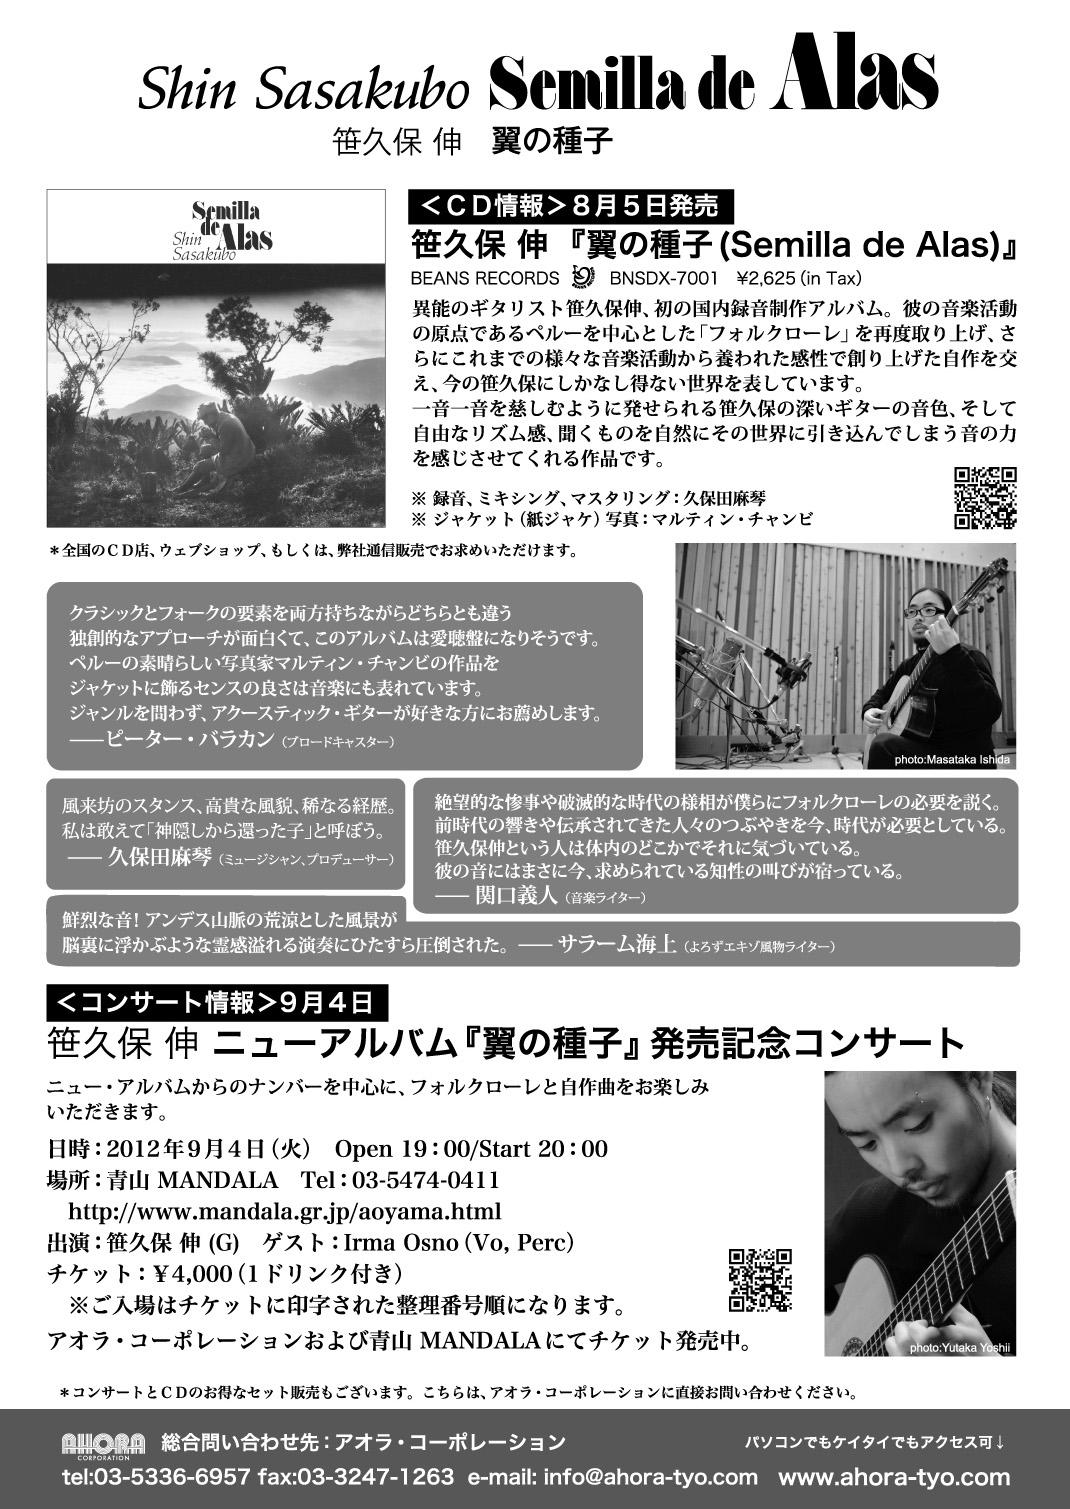 笹久保伸:日本初録音のニューアルバム「翼の種子」&レコ発ライブ_e0193905_16203433.jpg